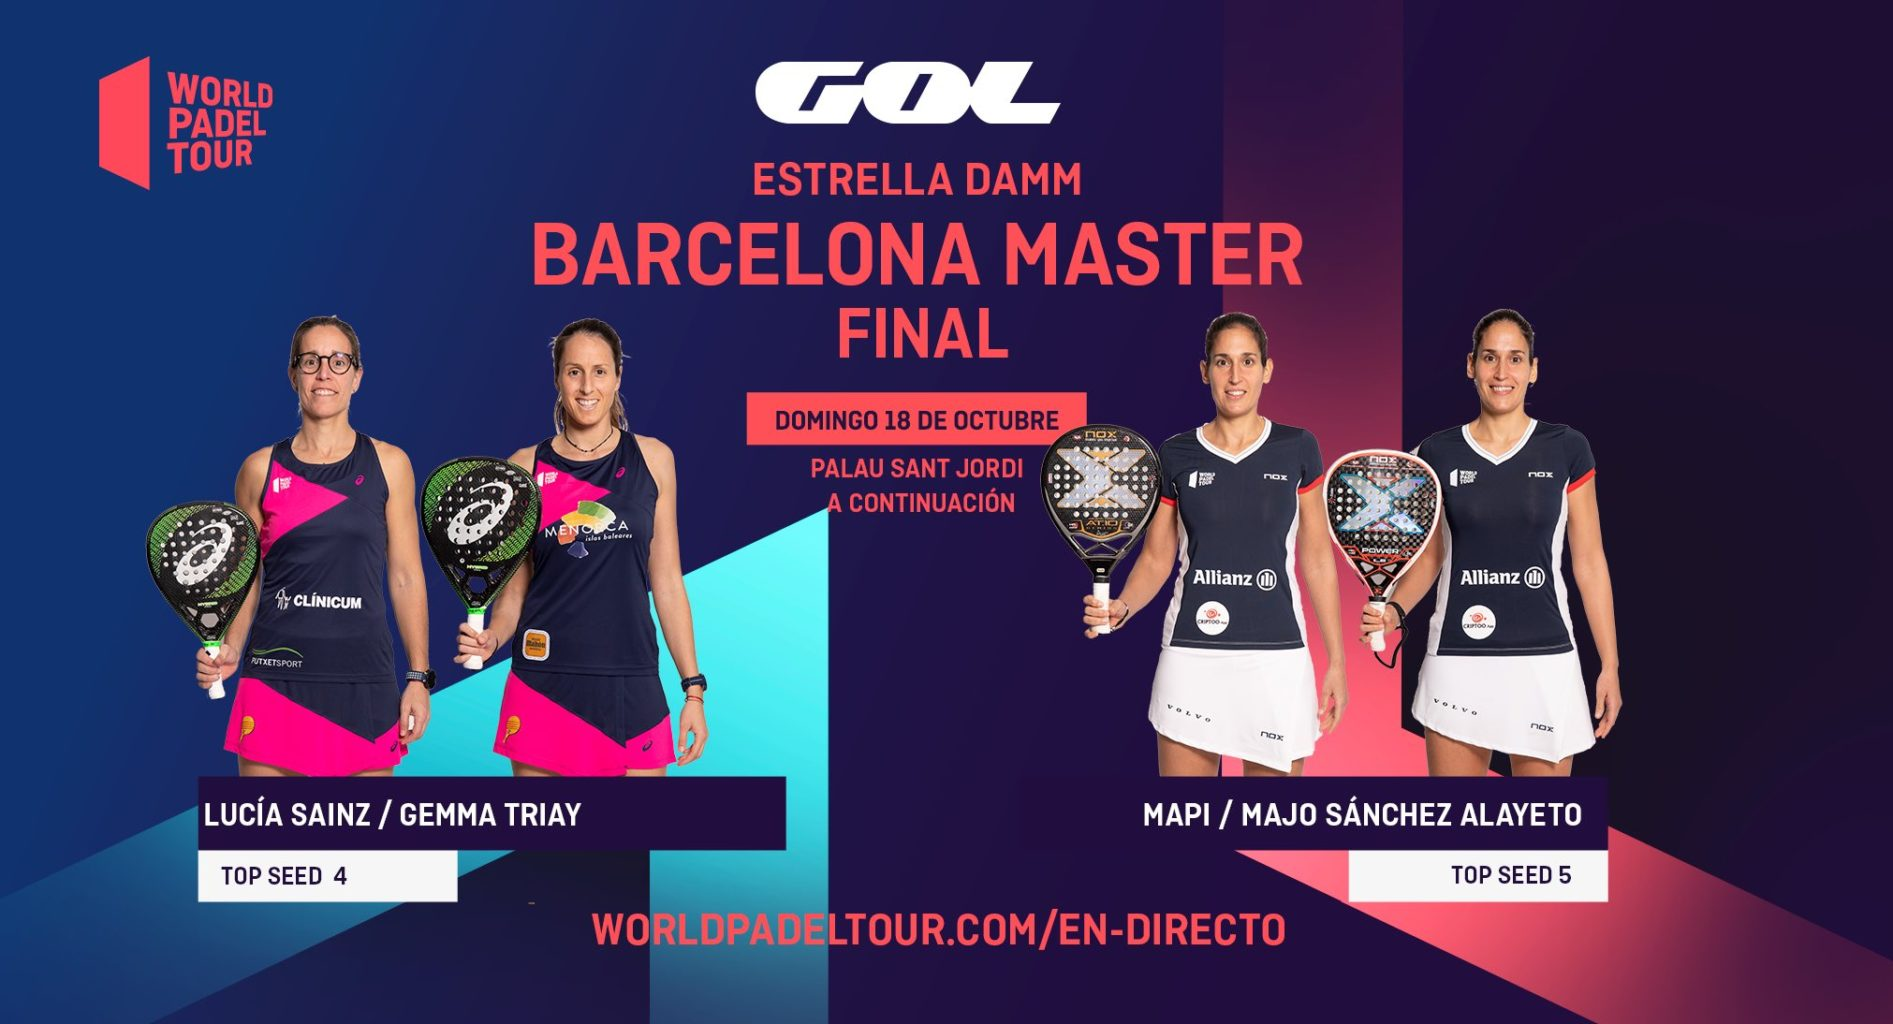 En directo las finales del Estrella Damm Barcelona Master 2020